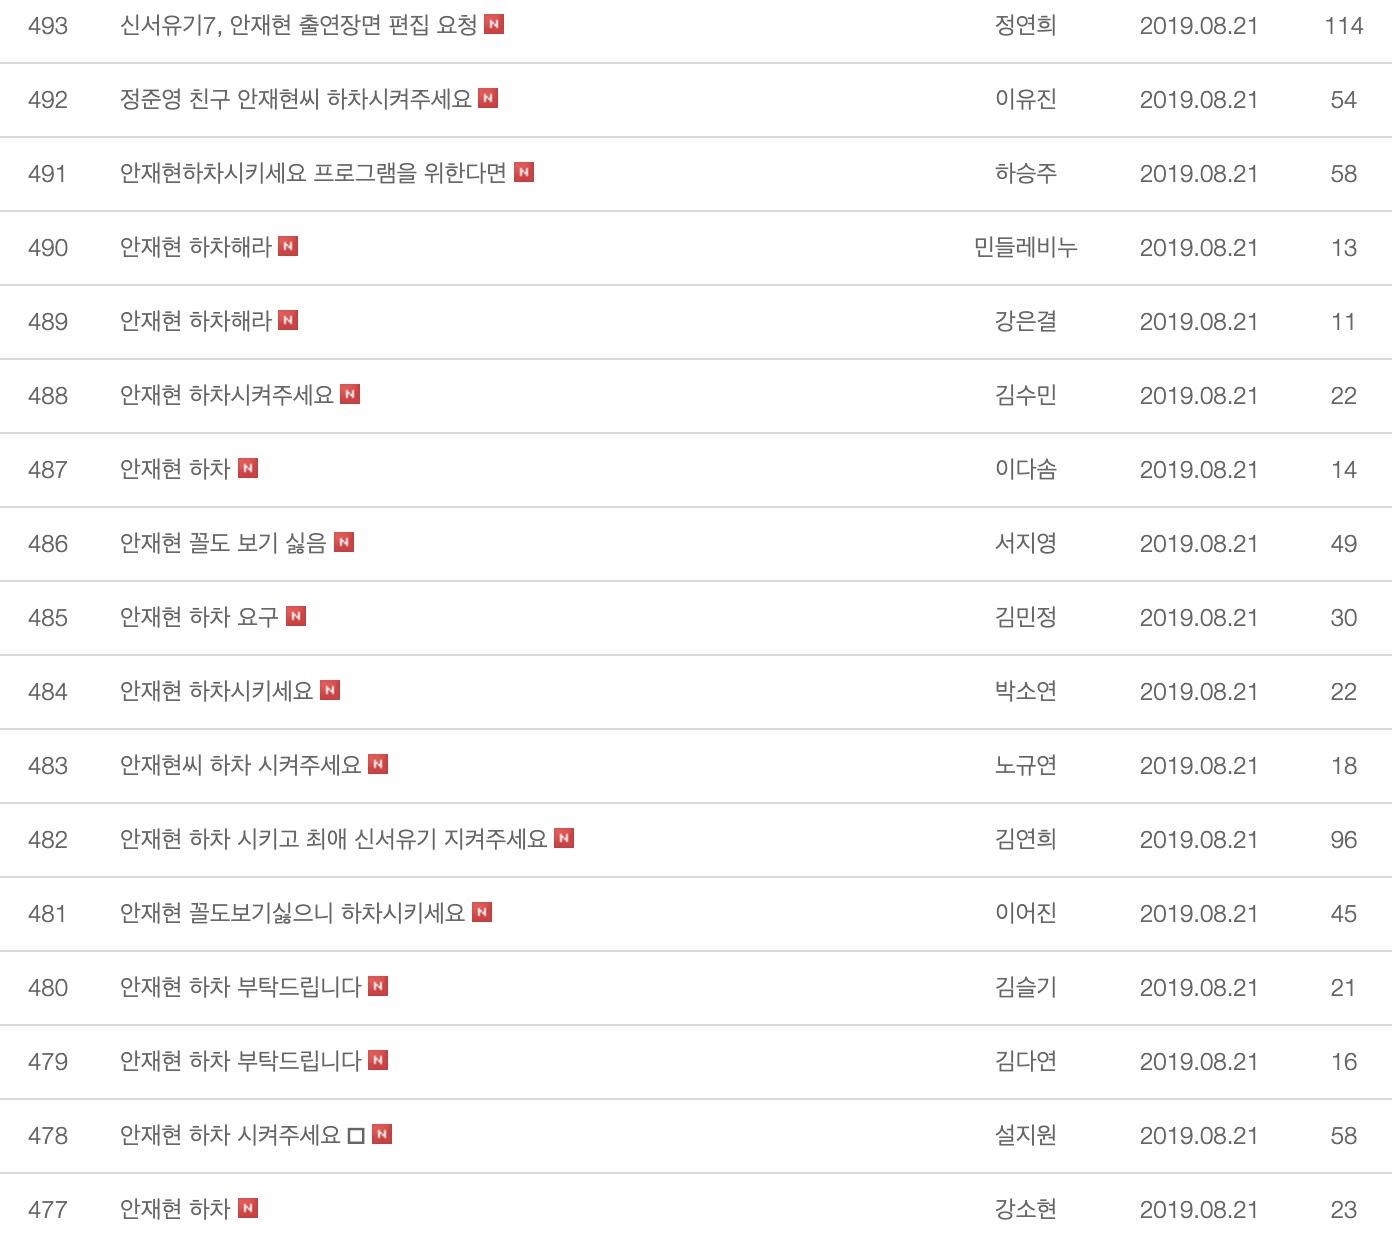 ahn jae hyun kicked out 1